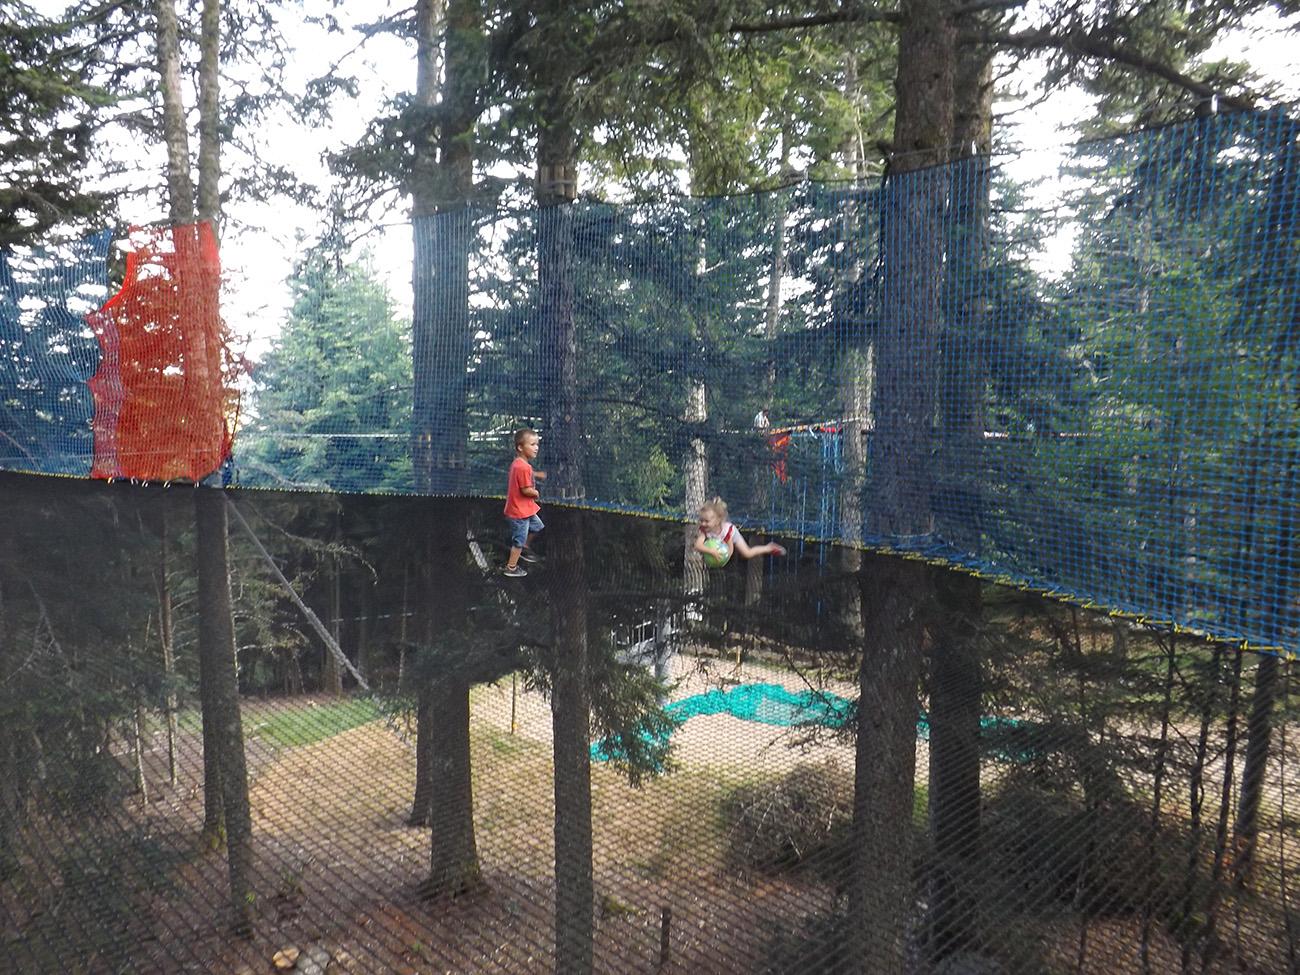 praboure-parc-activite-montagne-photo-filets-suspendus